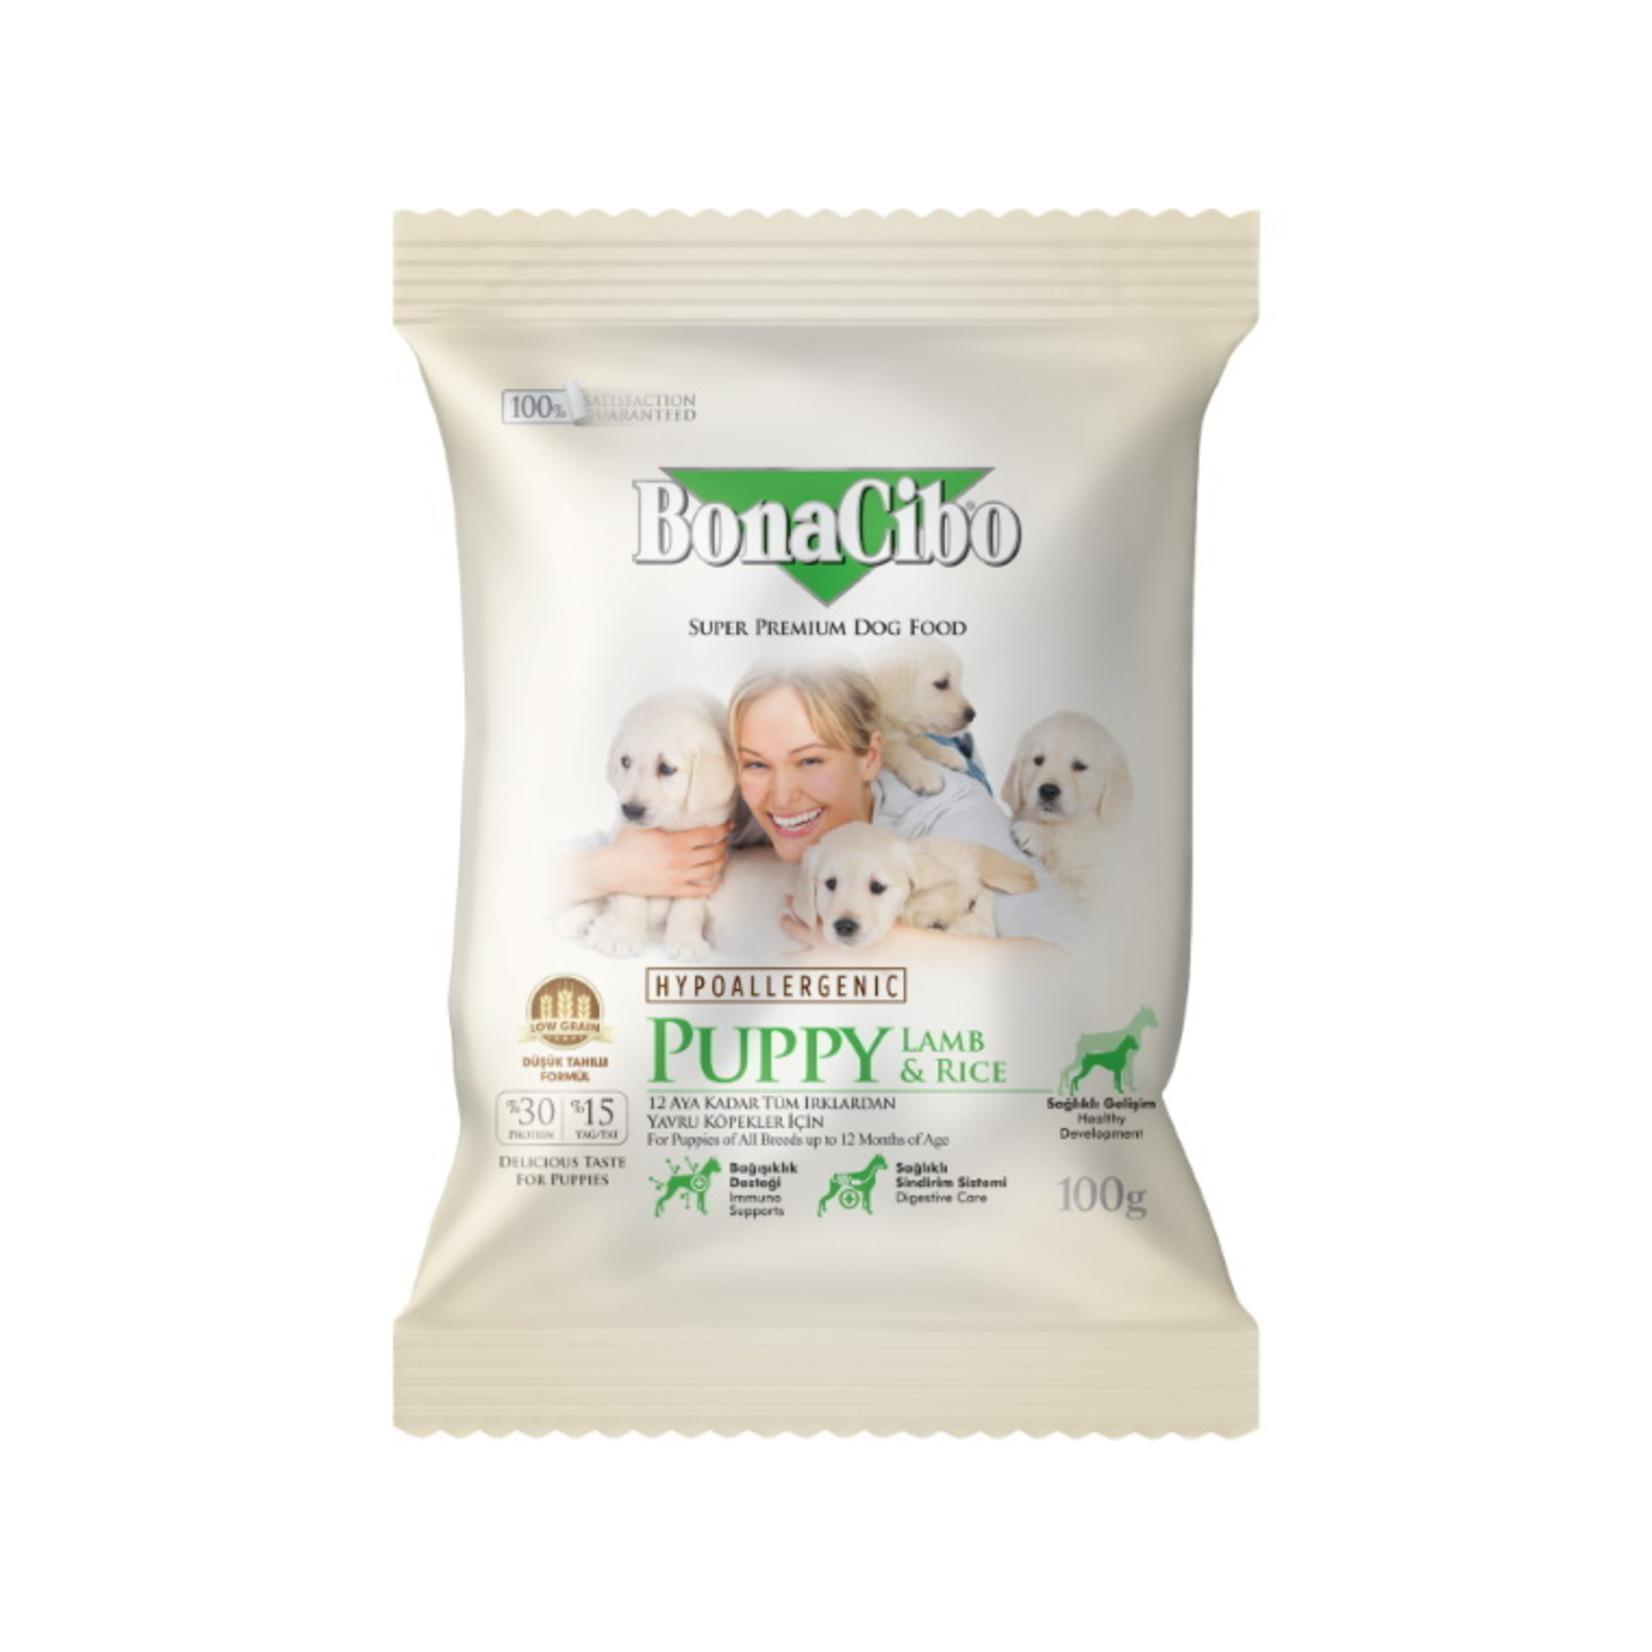 Bonacibo Sample 100 GR  Bonacibo Puppy Lamb & Rice